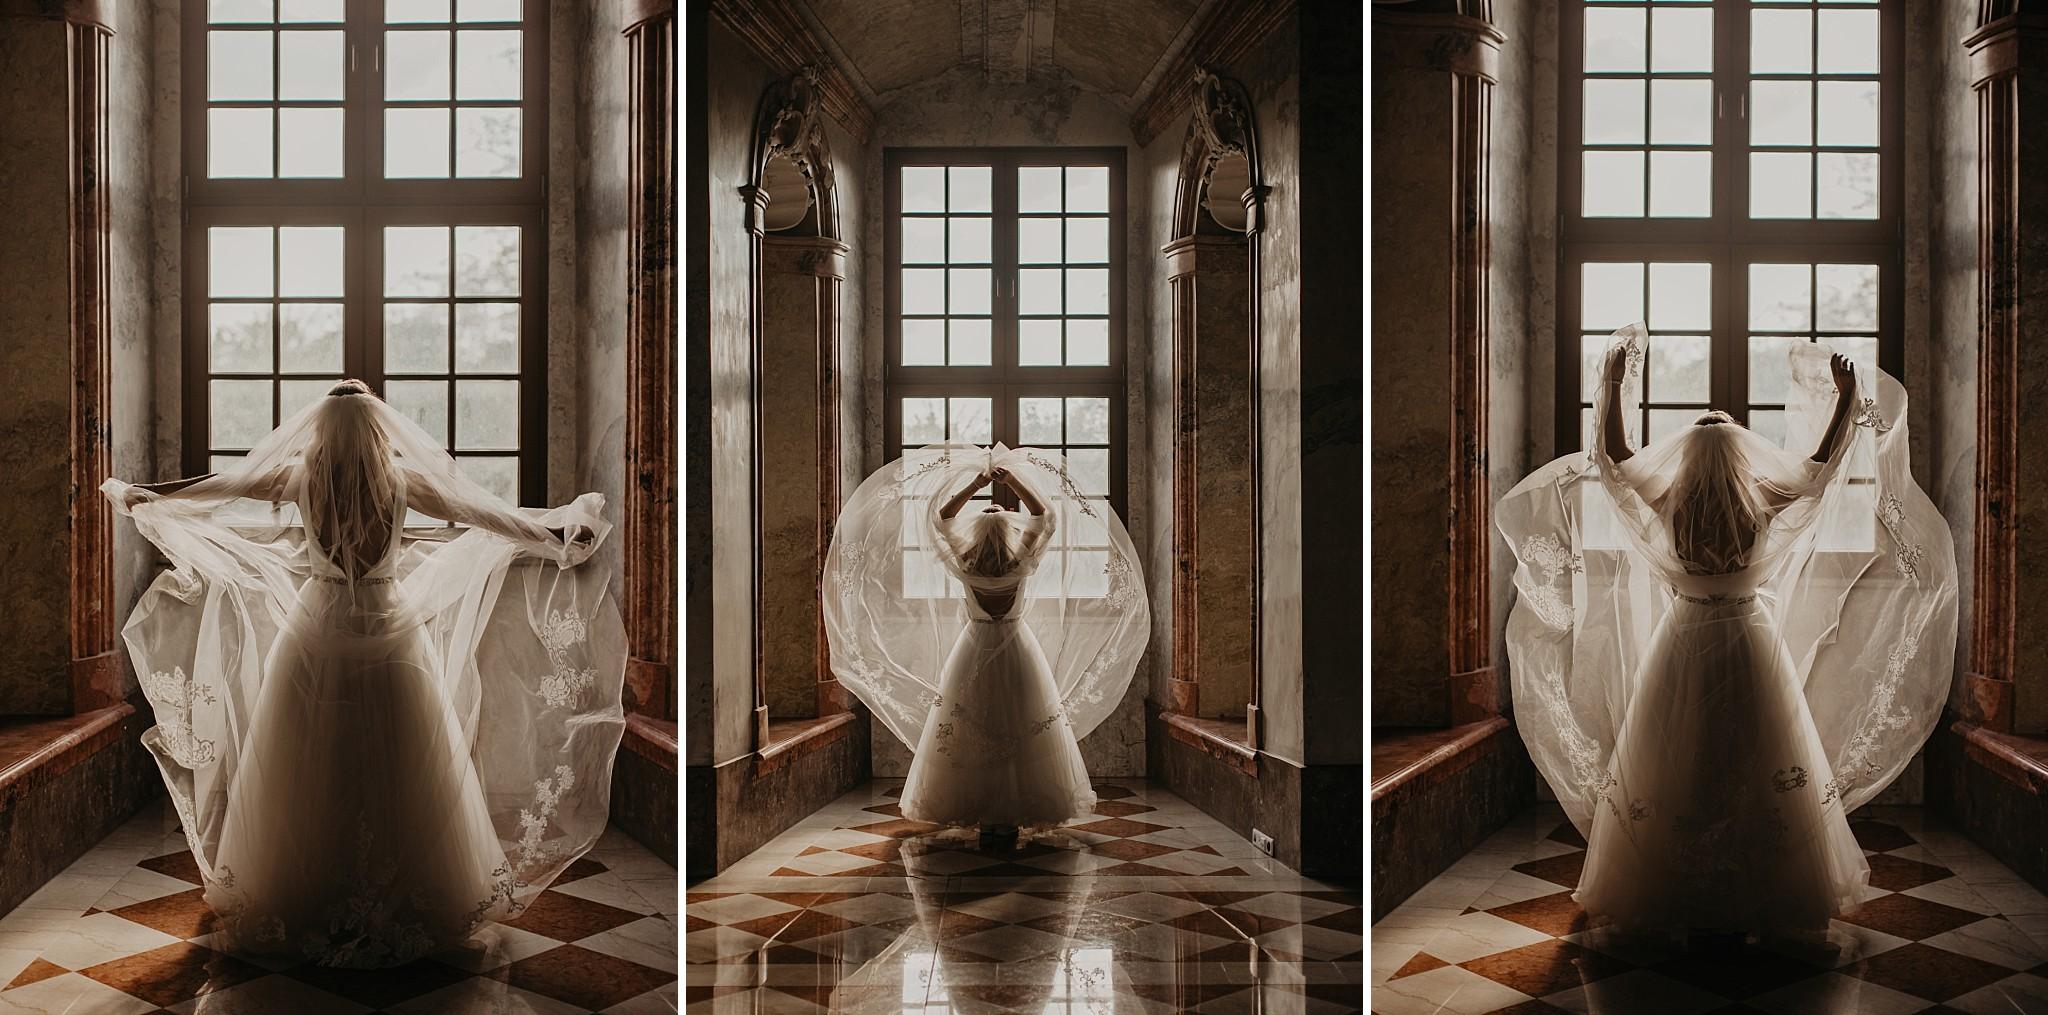 lubiaz opactwo cystersow sesja na zamku sesja zdjeciowa sesja slubna w palacu sesja palac fotograf z poznania fotografia slubna poznan 119